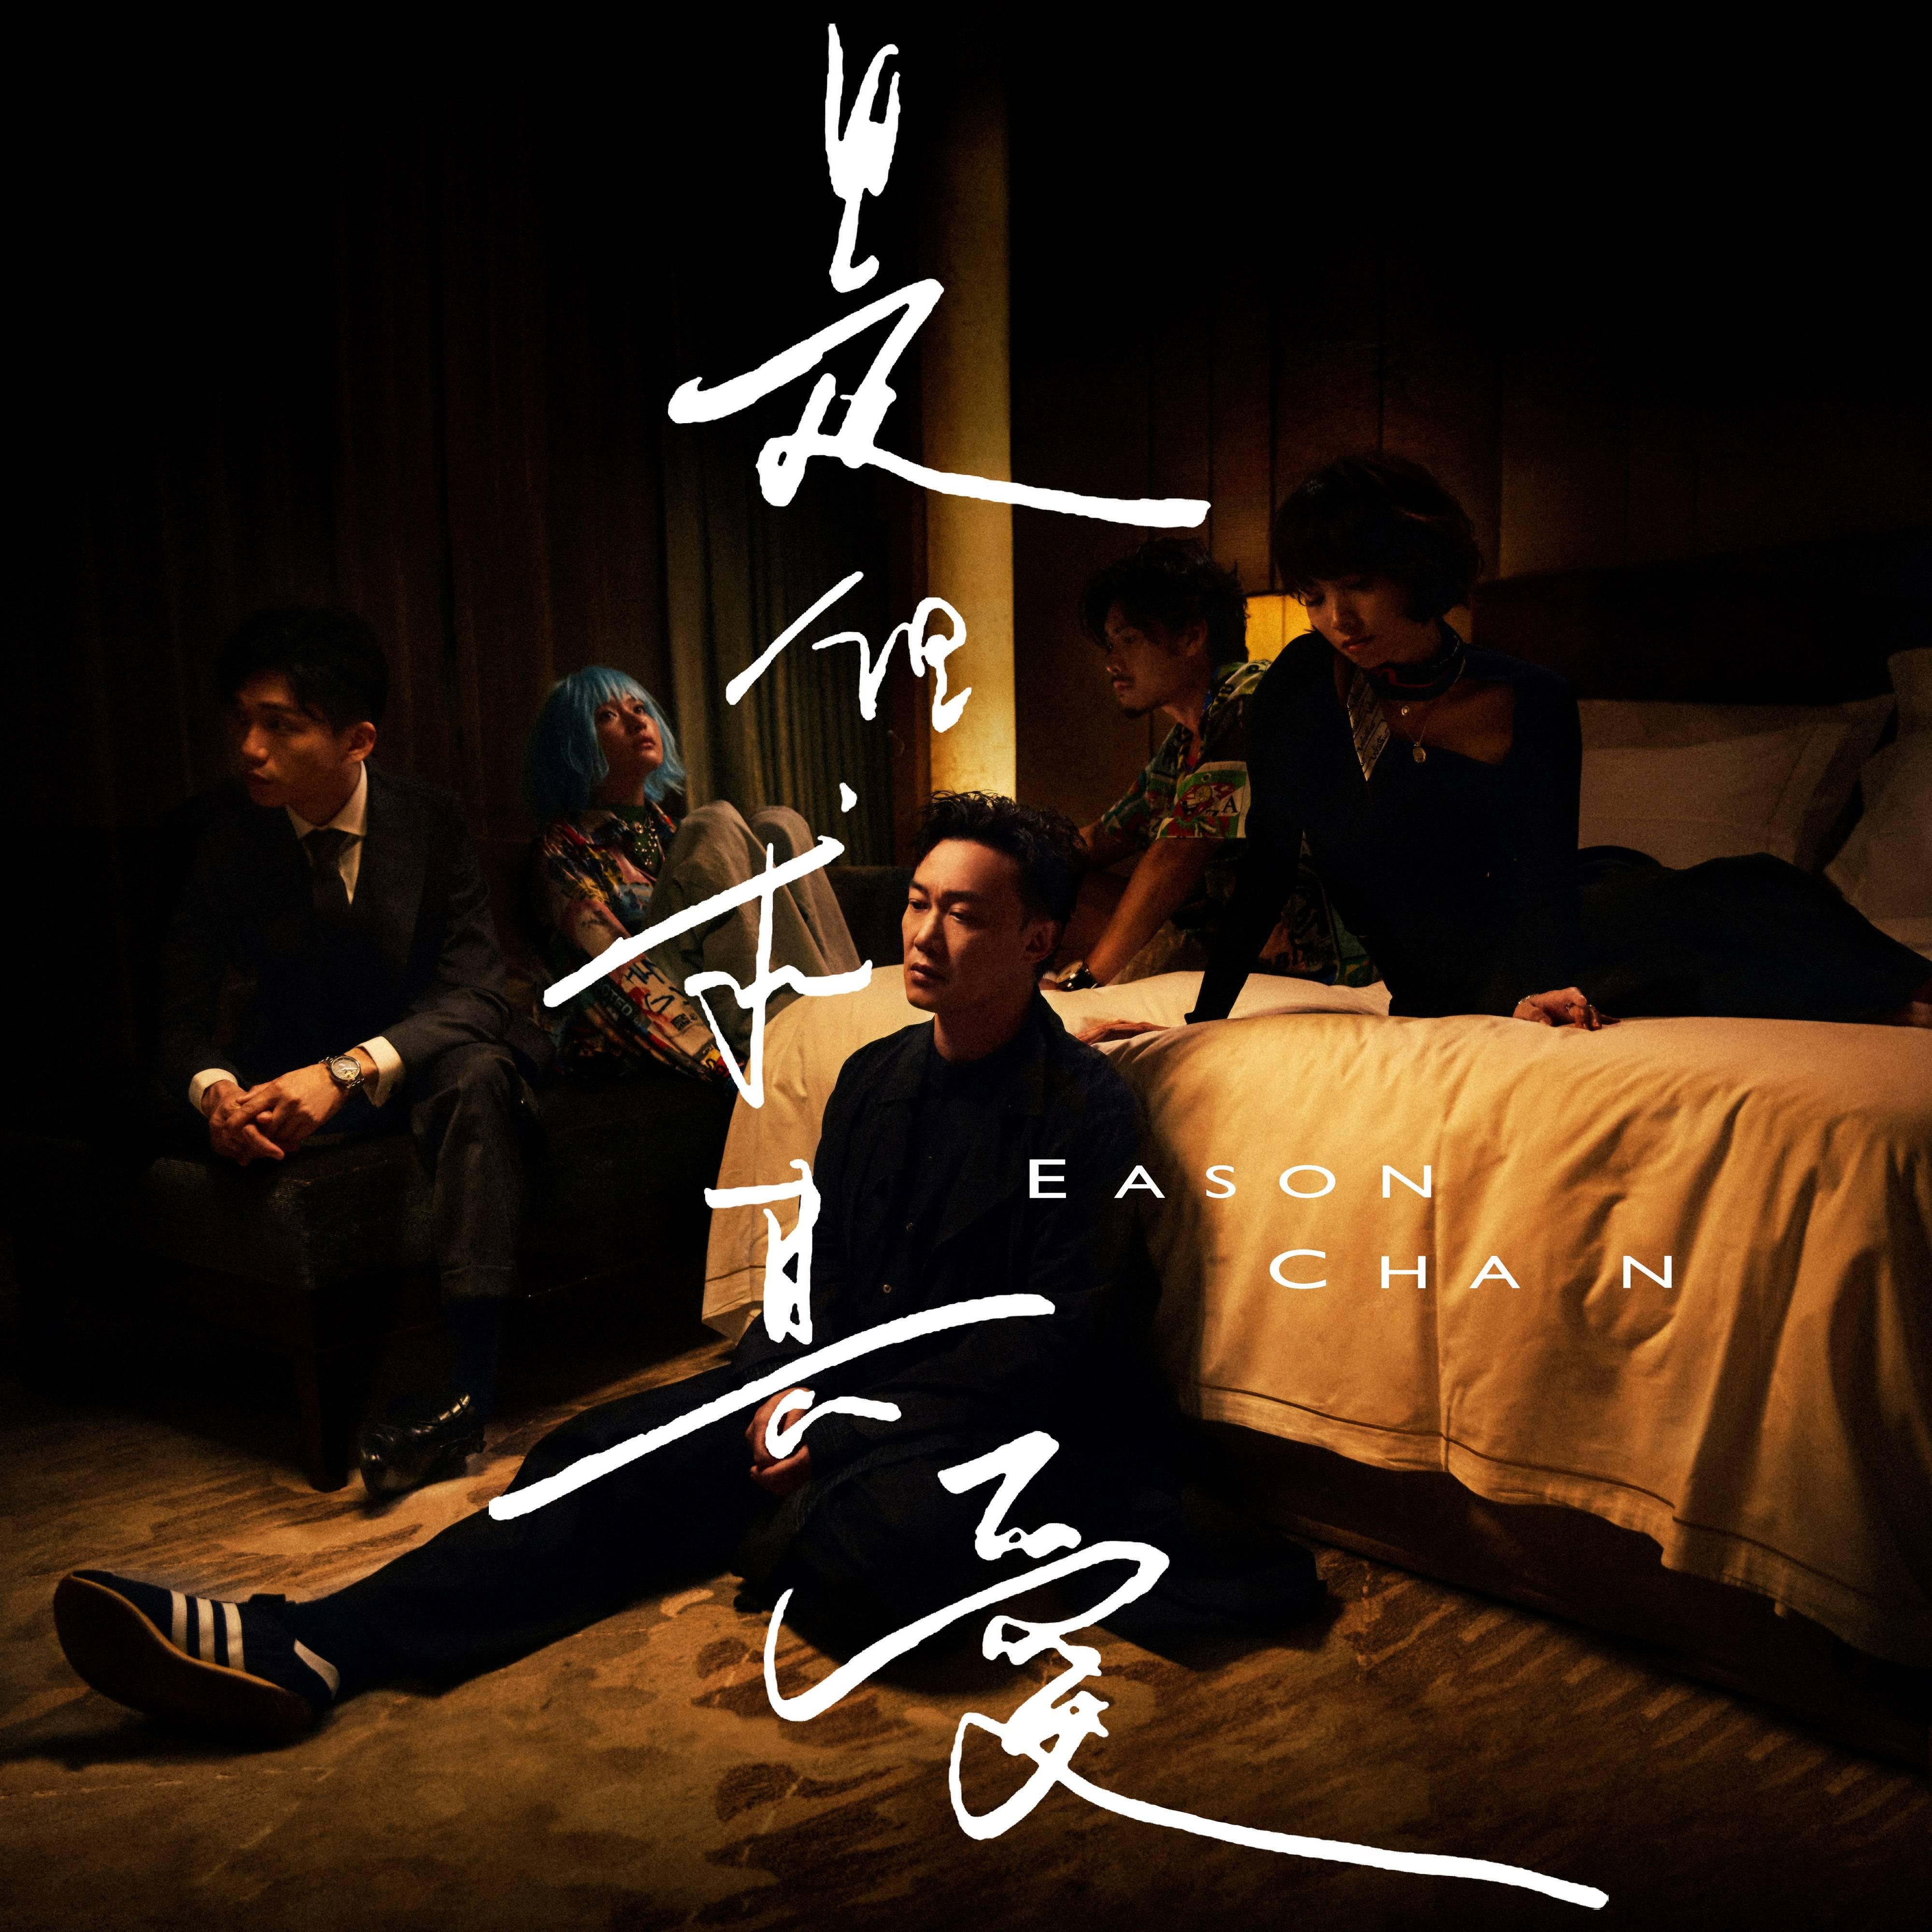 陈奕迅全新单曲《是但求其爱》今天全网上线  以说书人身份唱出感情百味